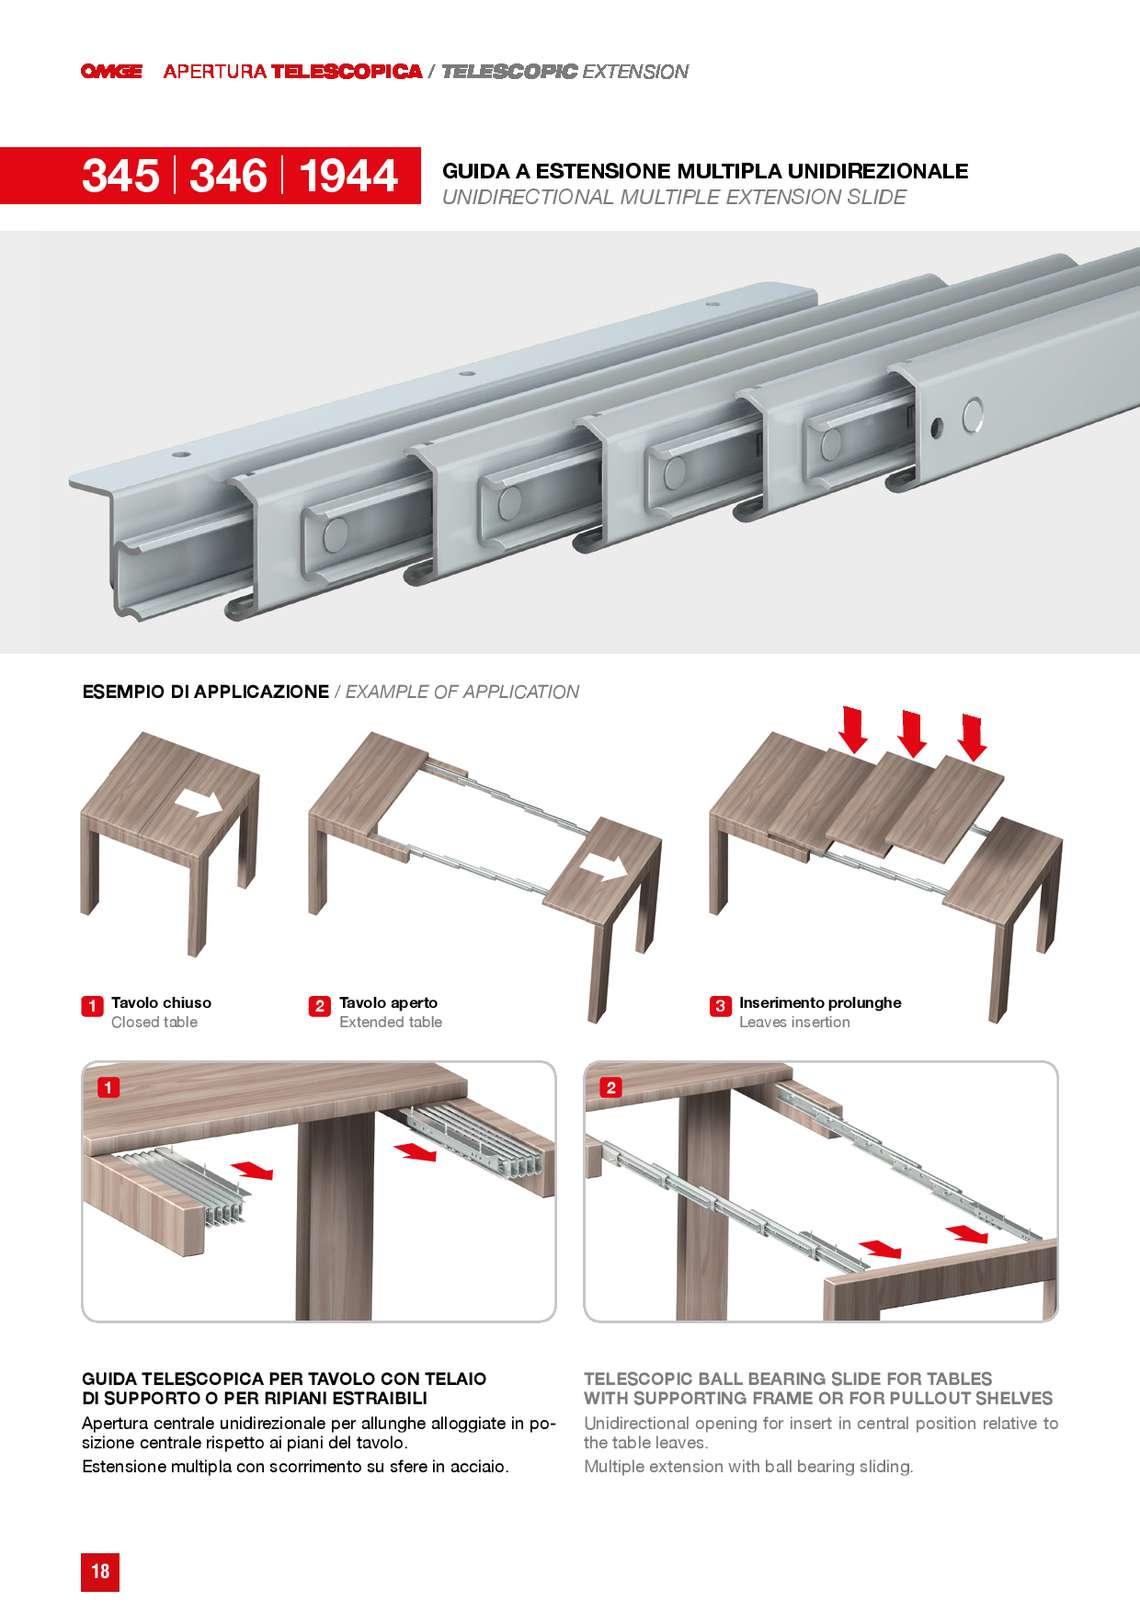 guide-per-allungamento-tavoli_163_017.jpg